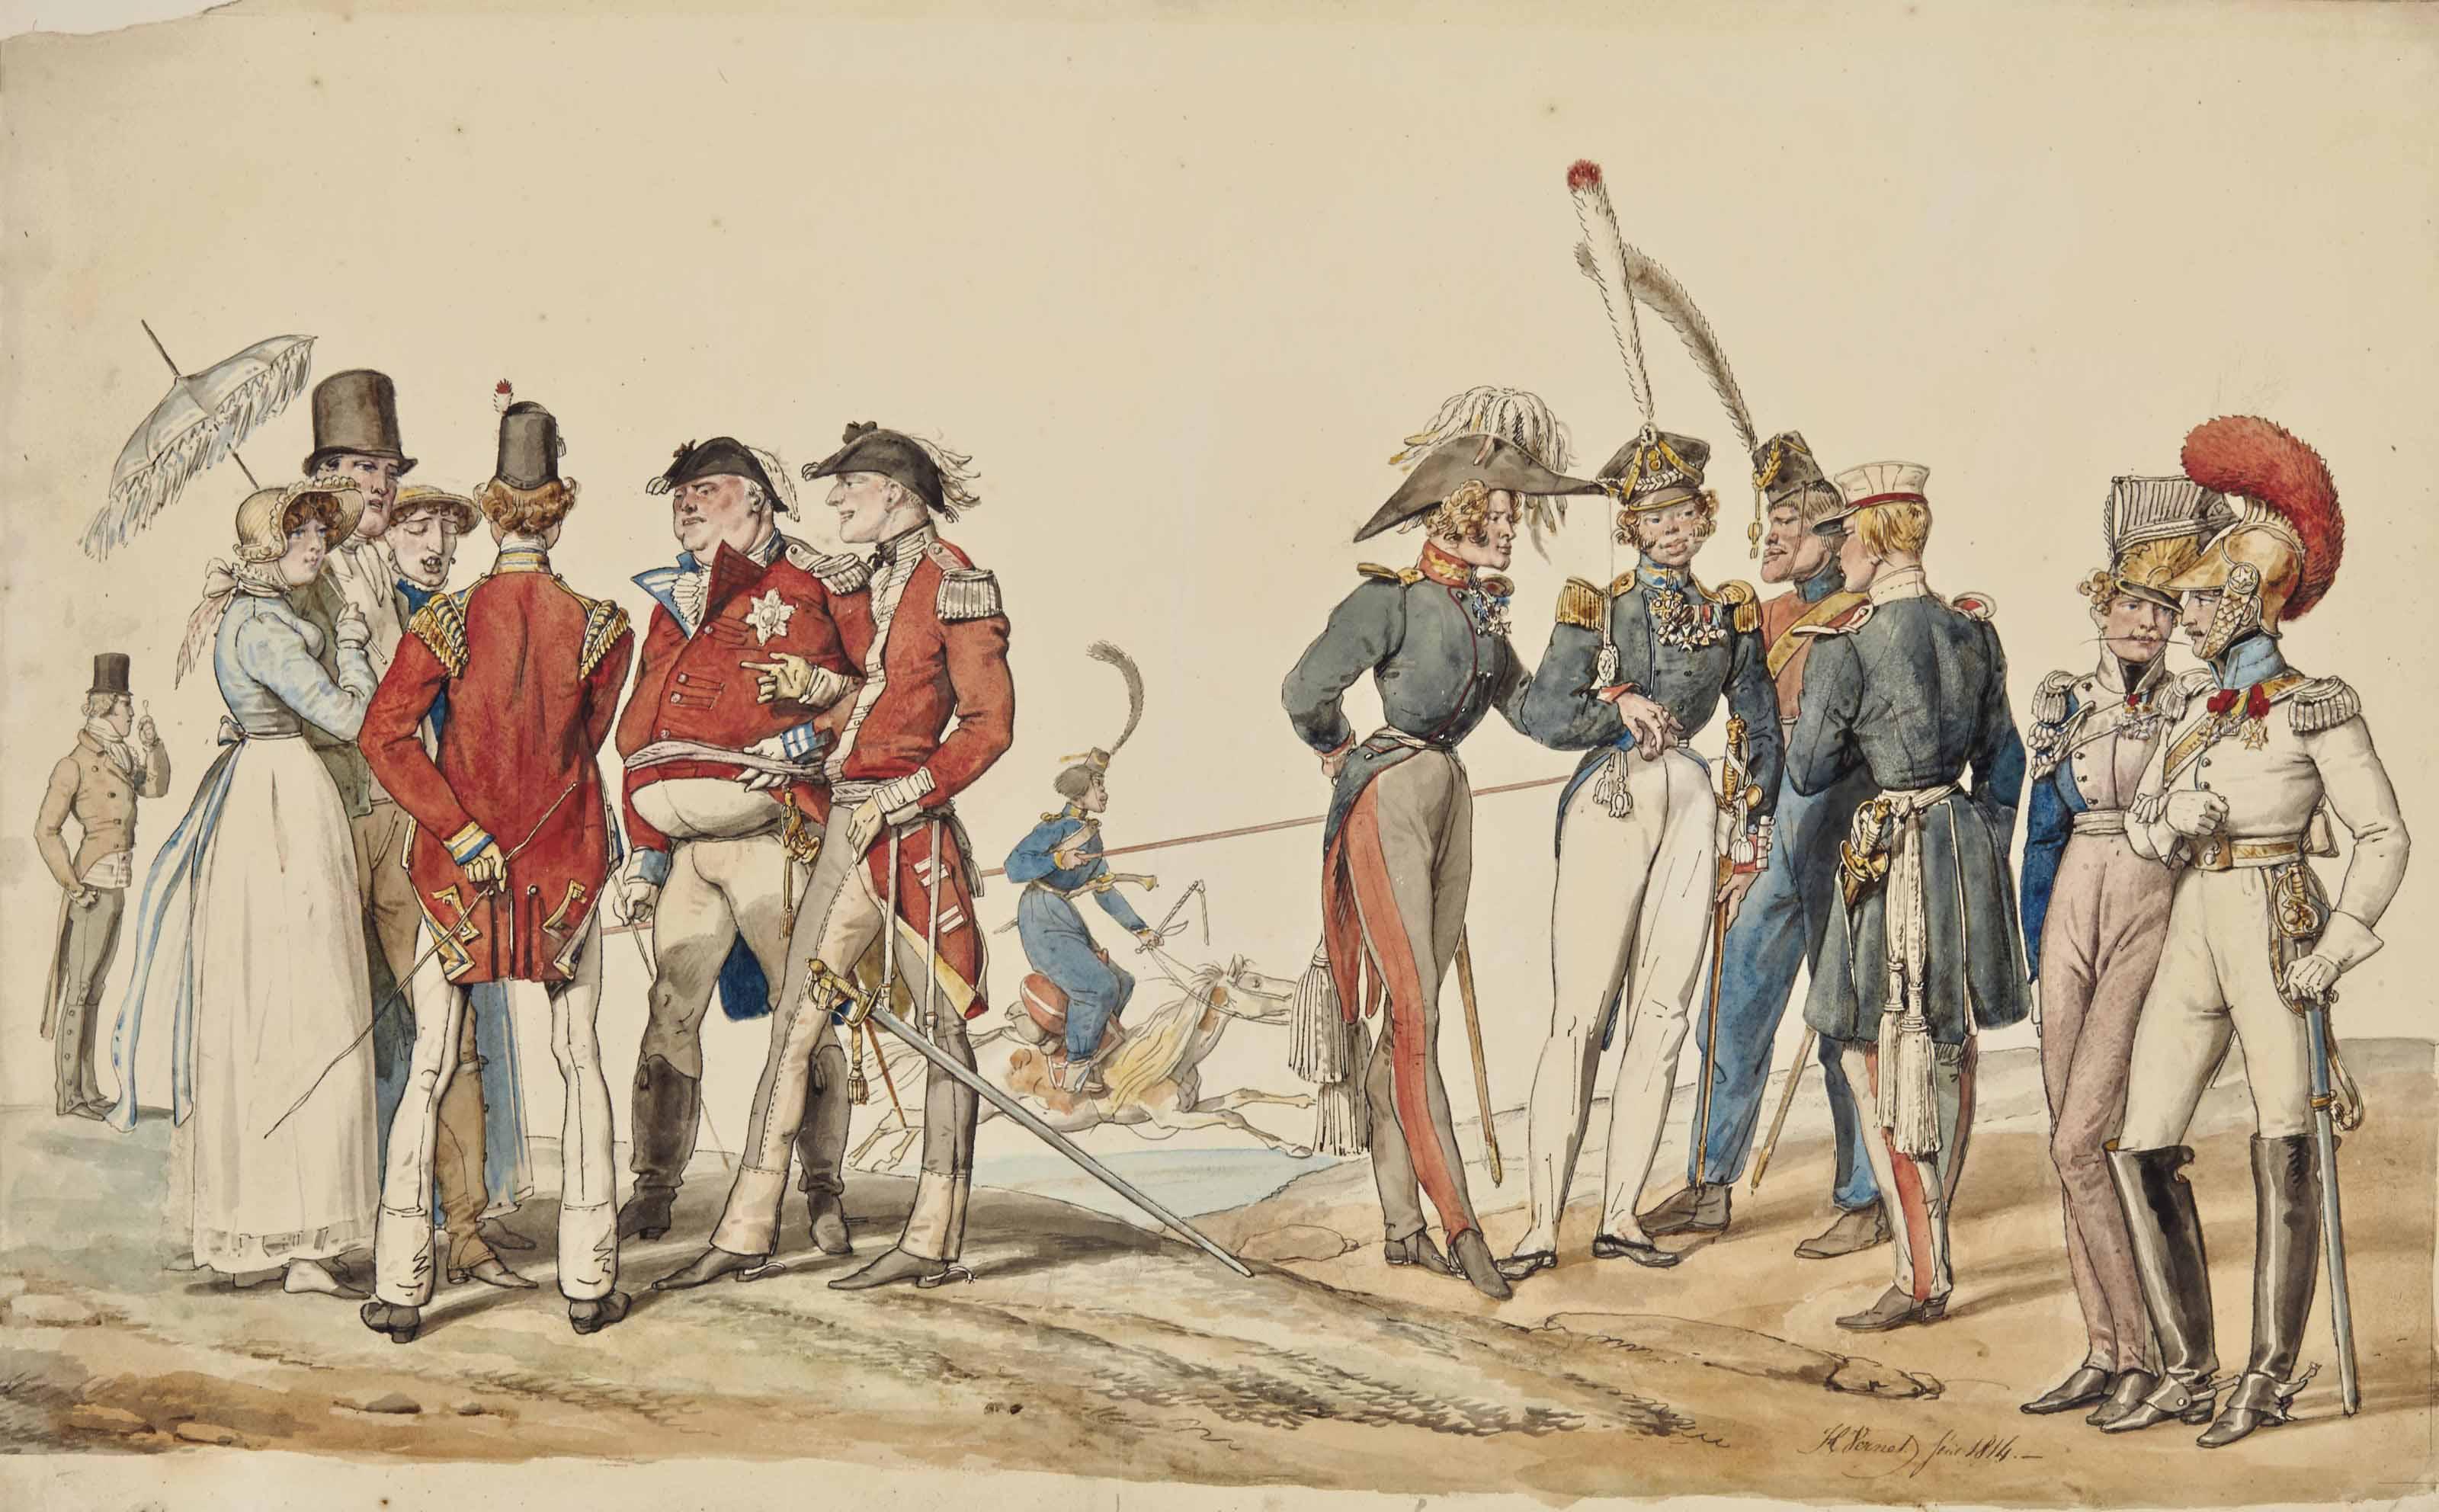 Officiers anglais et français discutant